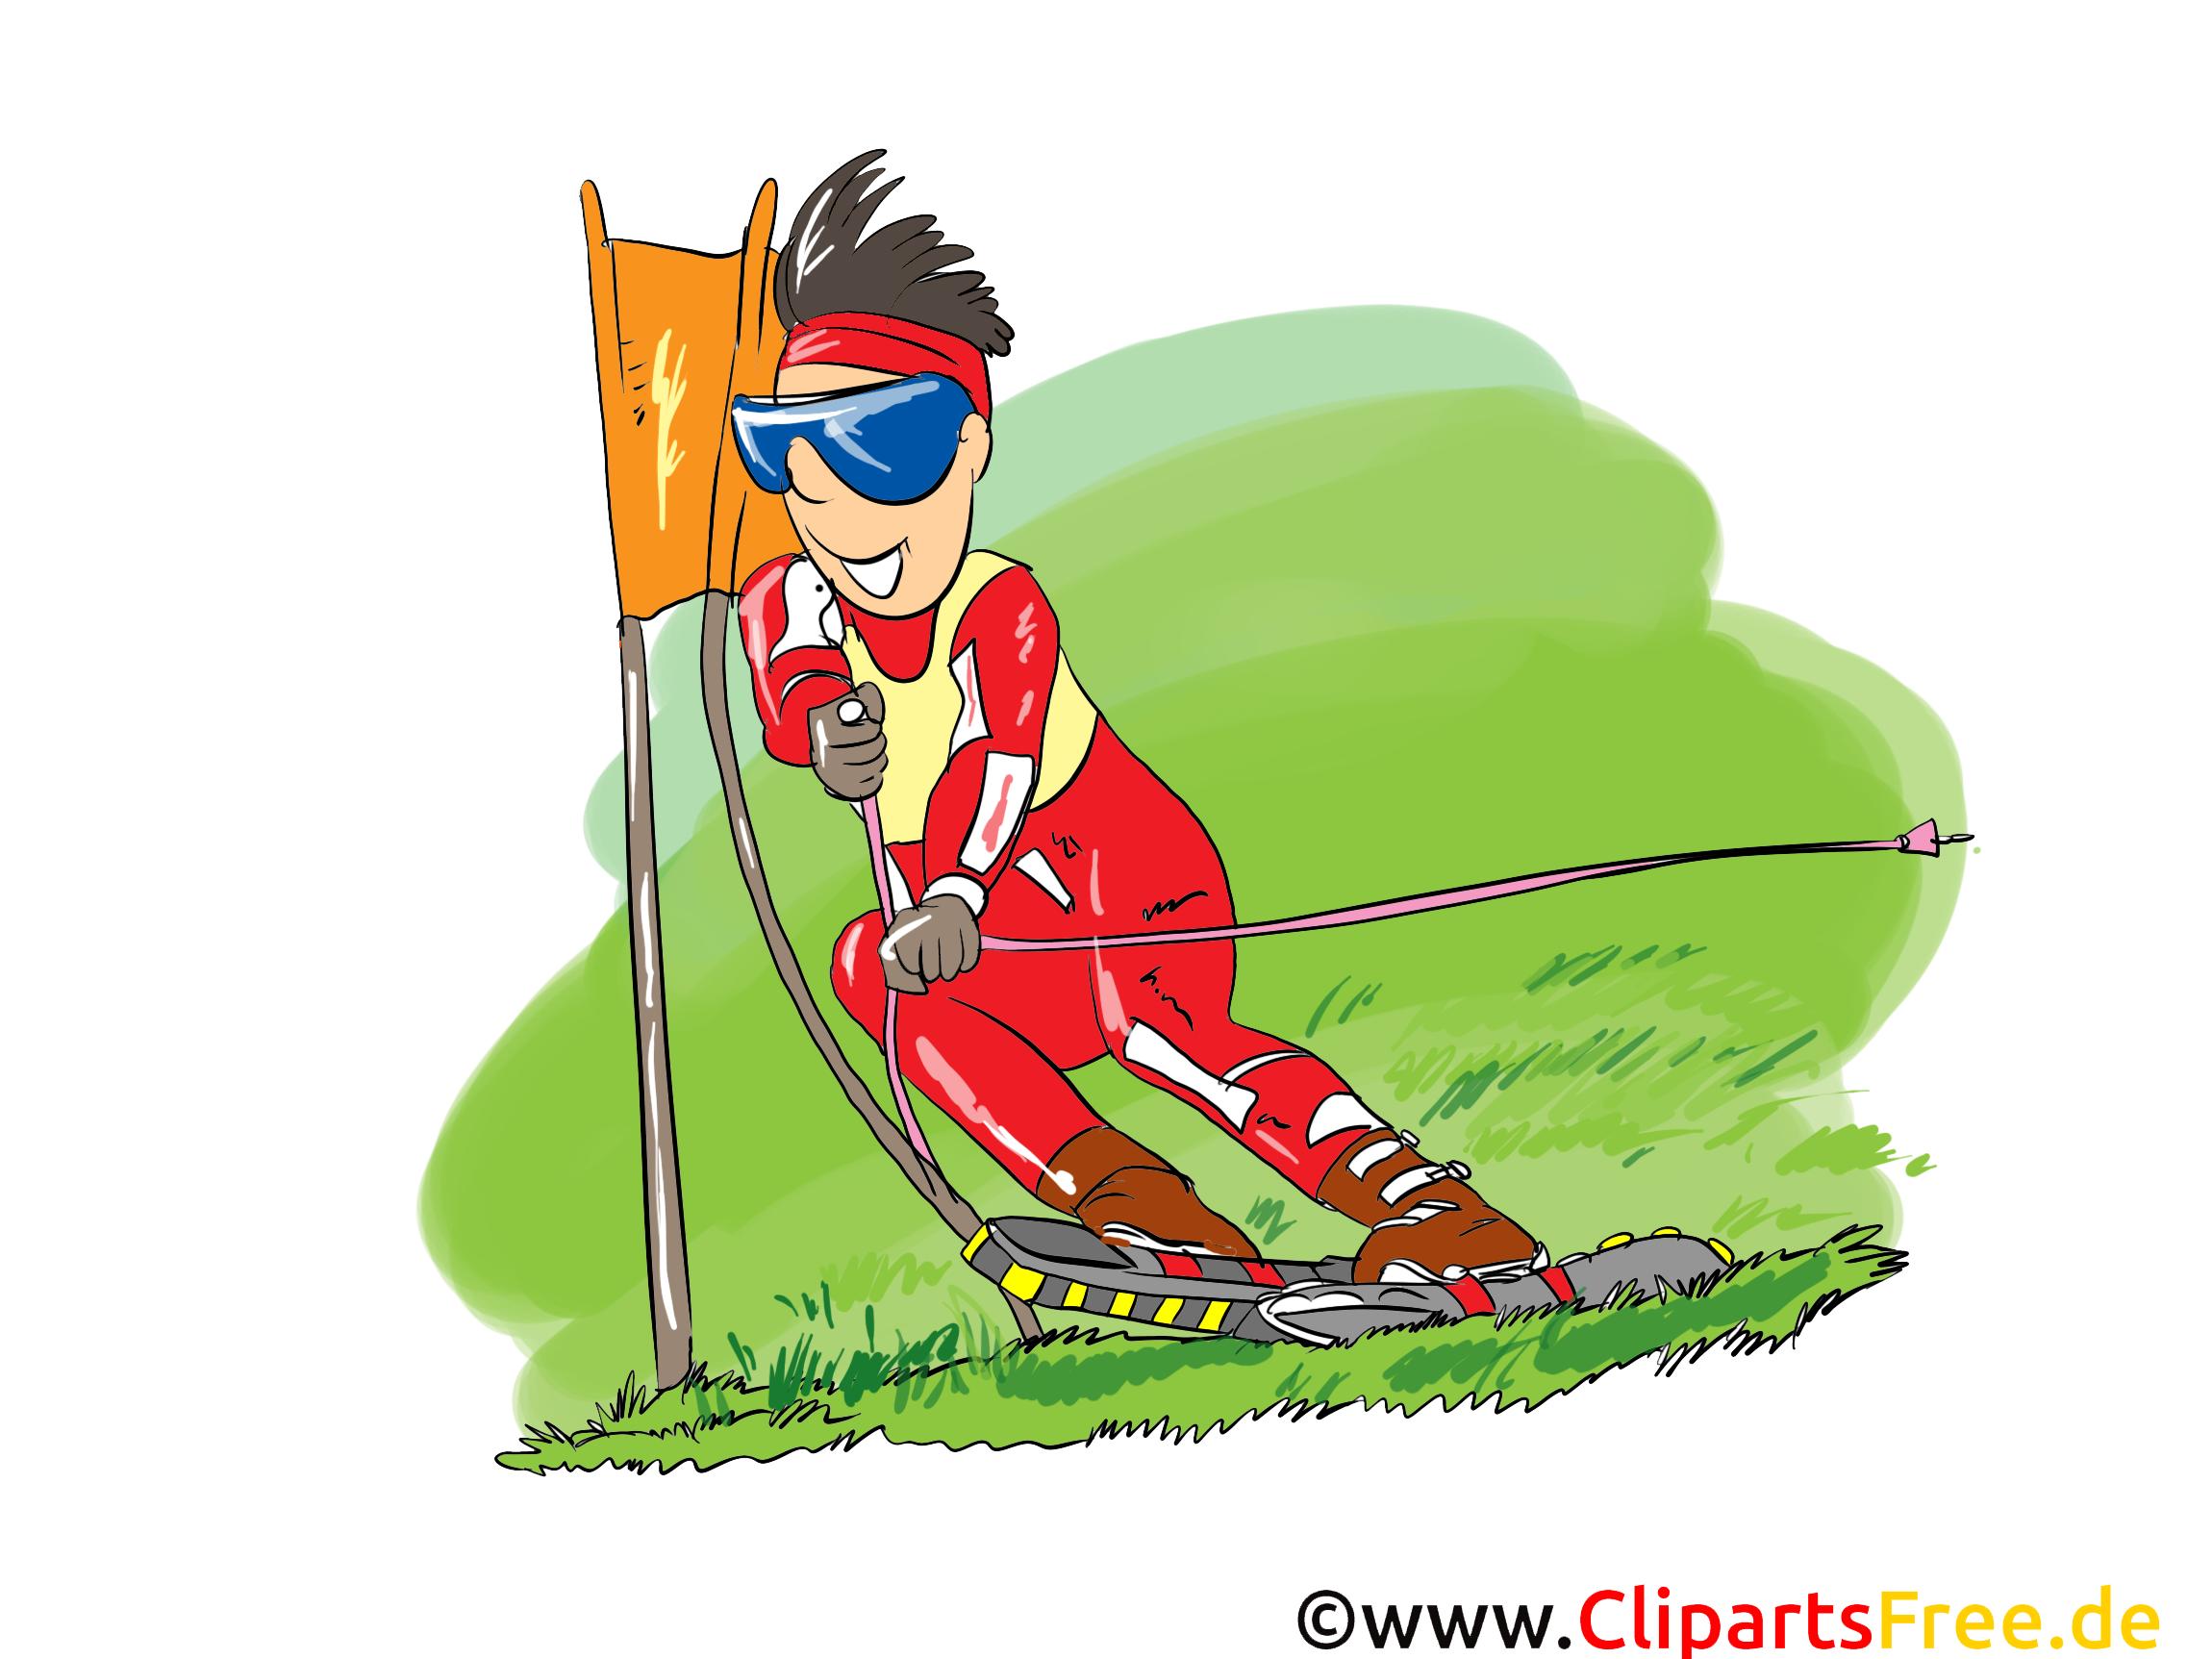 Ski in de zomerbeeldverhaal, klemkunst, beeld, grappig, illustratie